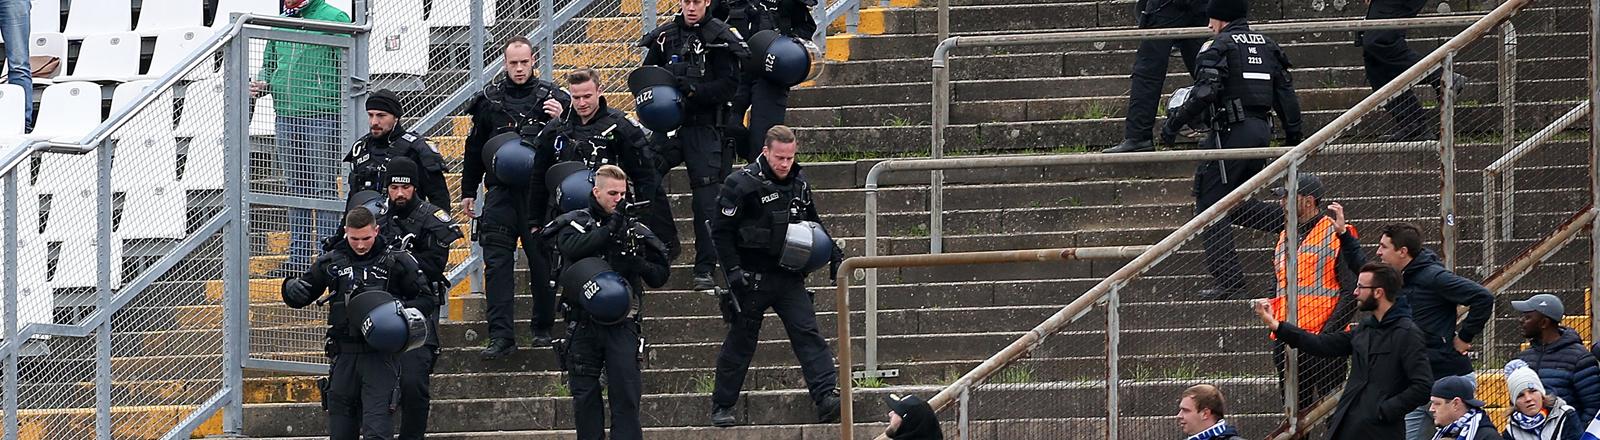 Nachdem Kieler Hooligans versucht haben den Darmstädter Block zu stürmen, schreitet die Polizei ein und geht in den Kieler Block um die Lage zu beruhigen.